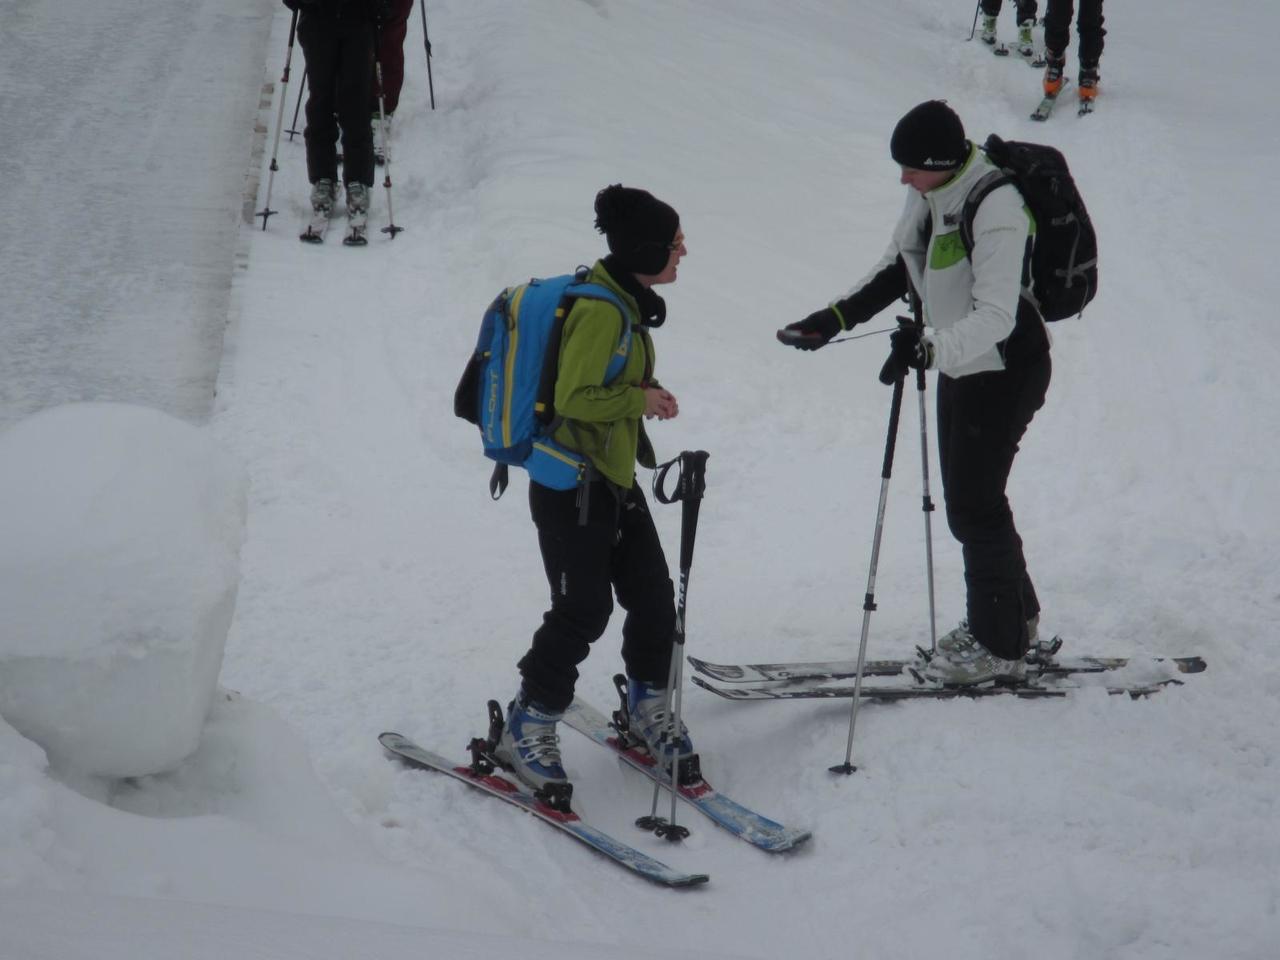 skitourenwinterladiescampkorein-lvs-gerte-check